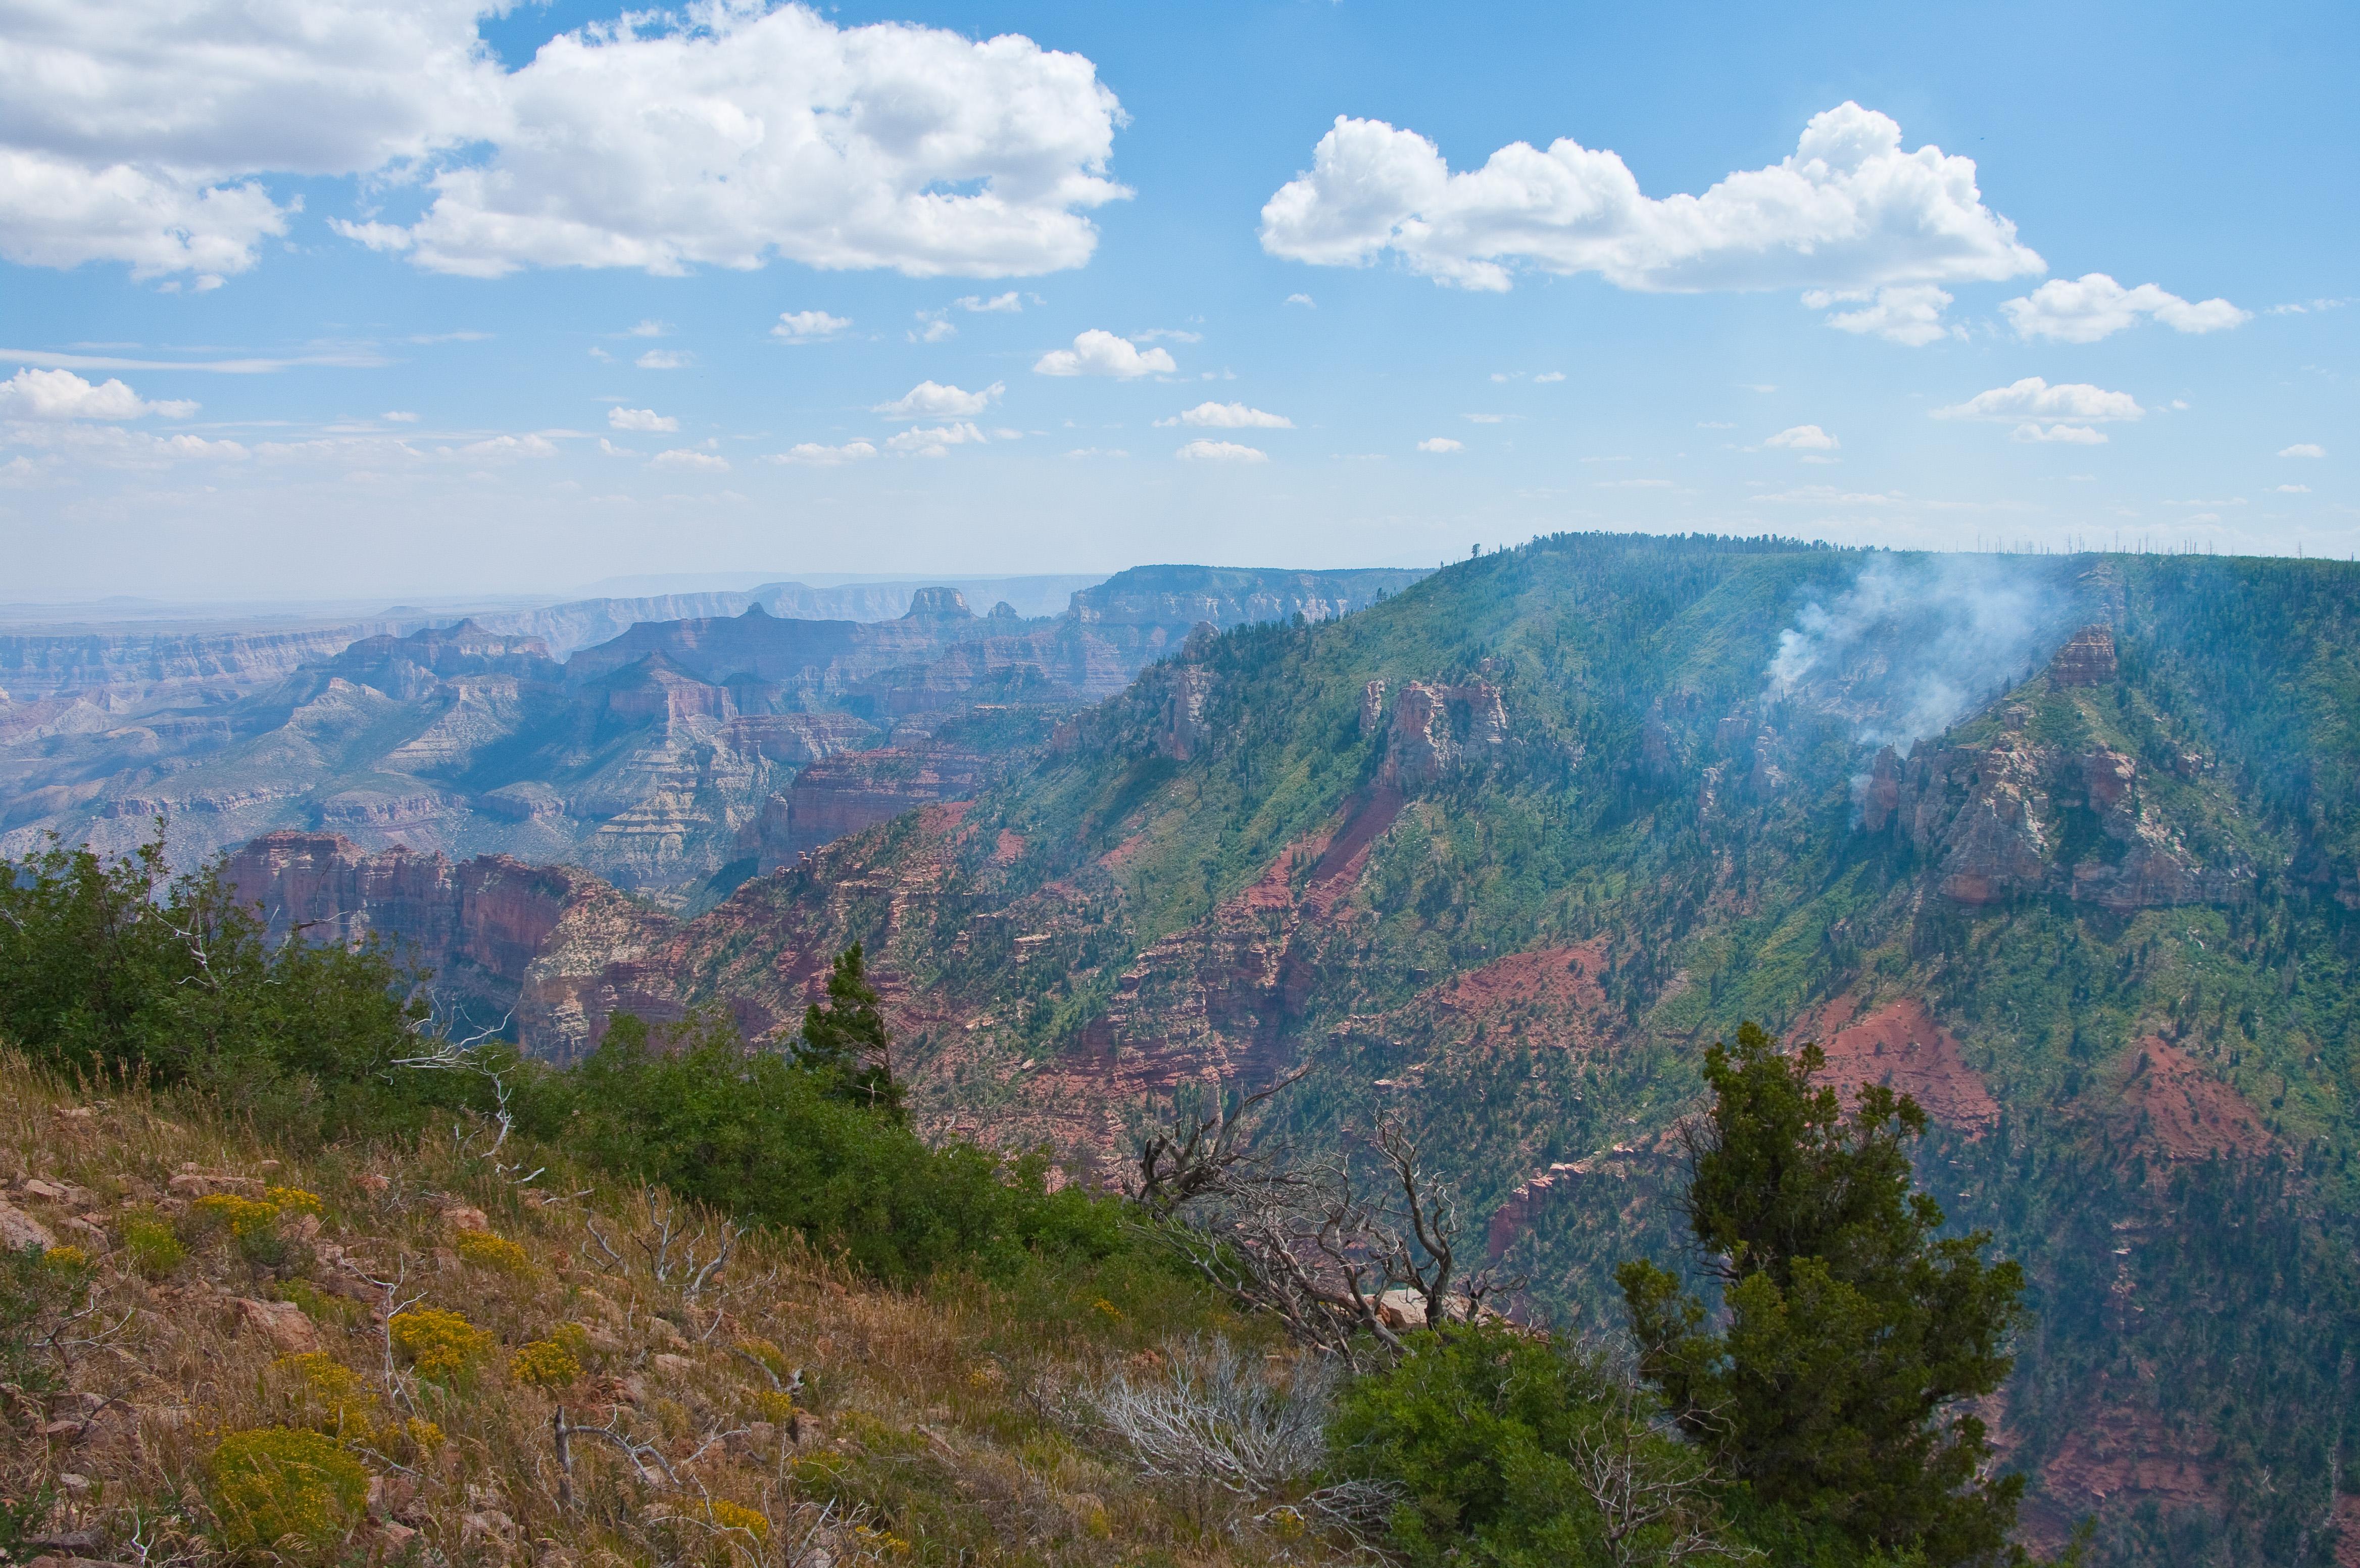 Saddle mountain trail photo